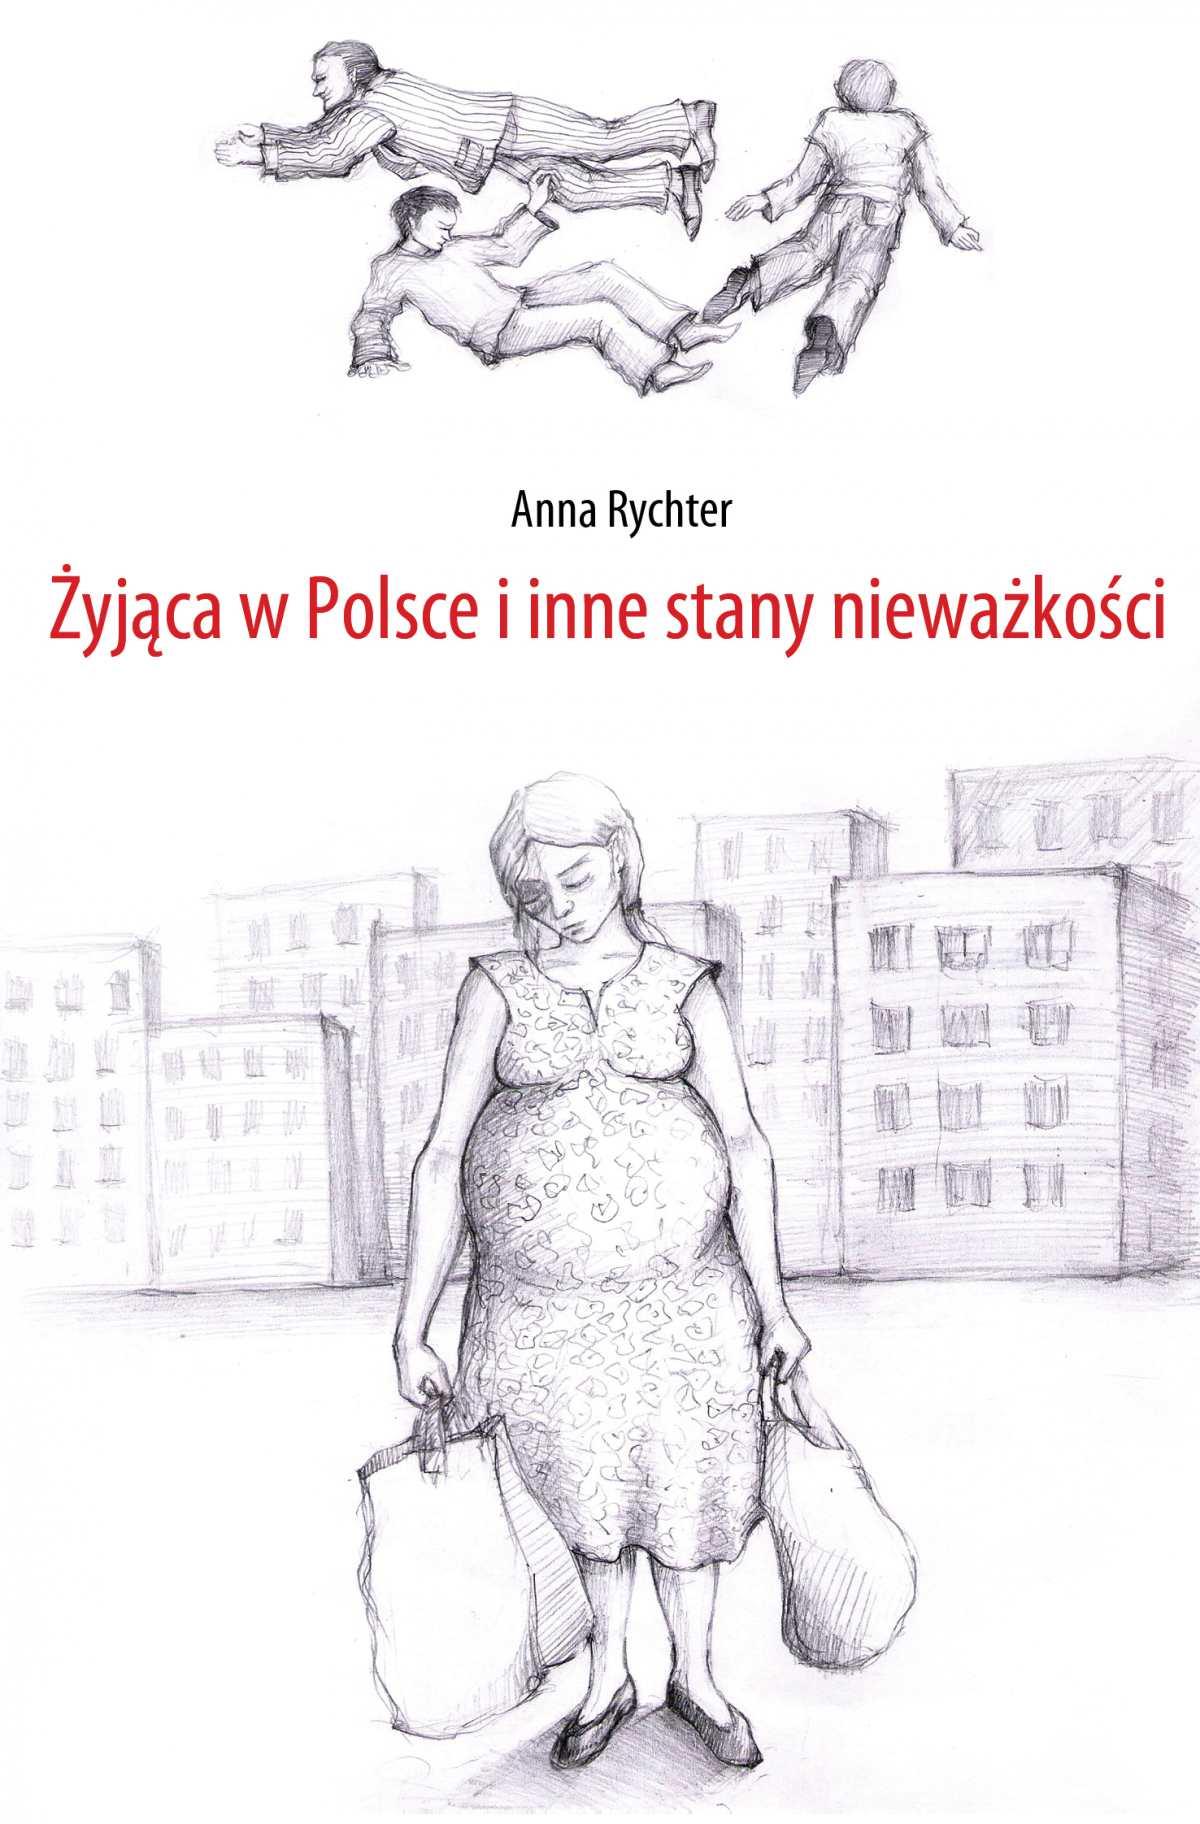 Żyjąca w Polsce i inne stany nieważkości - Ebook (Książka EPUB) do pobrania w formacie EPUB